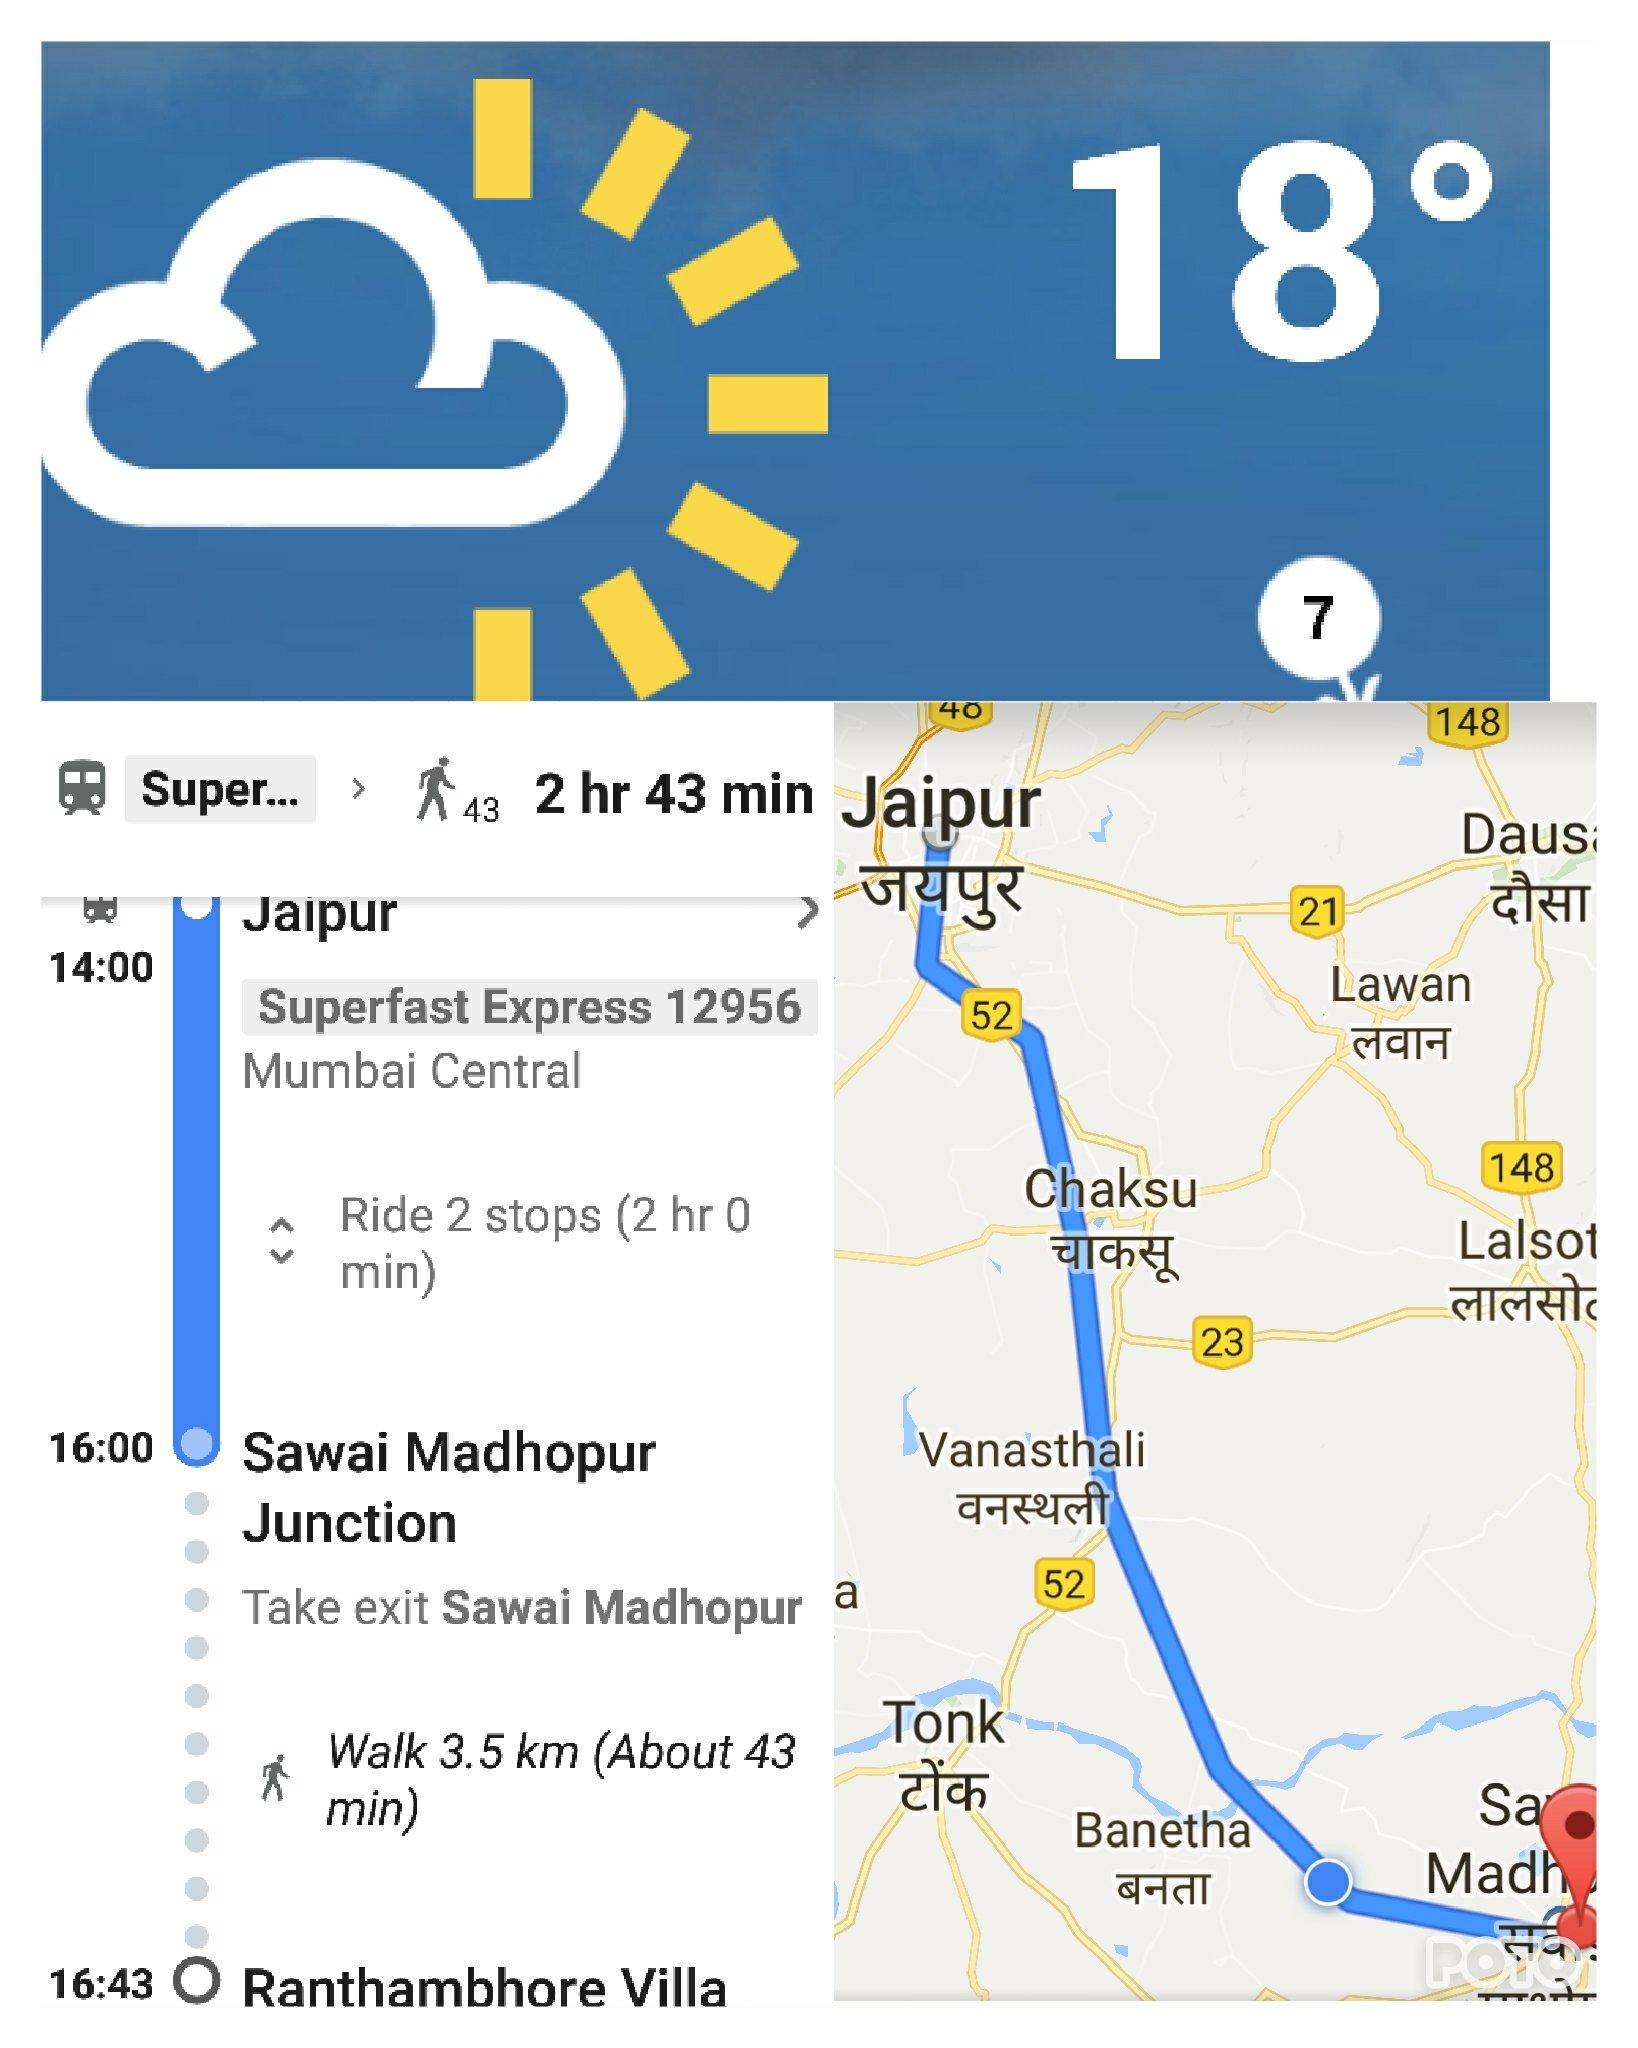 Day 45 Jaipur To Sawei Madhopur